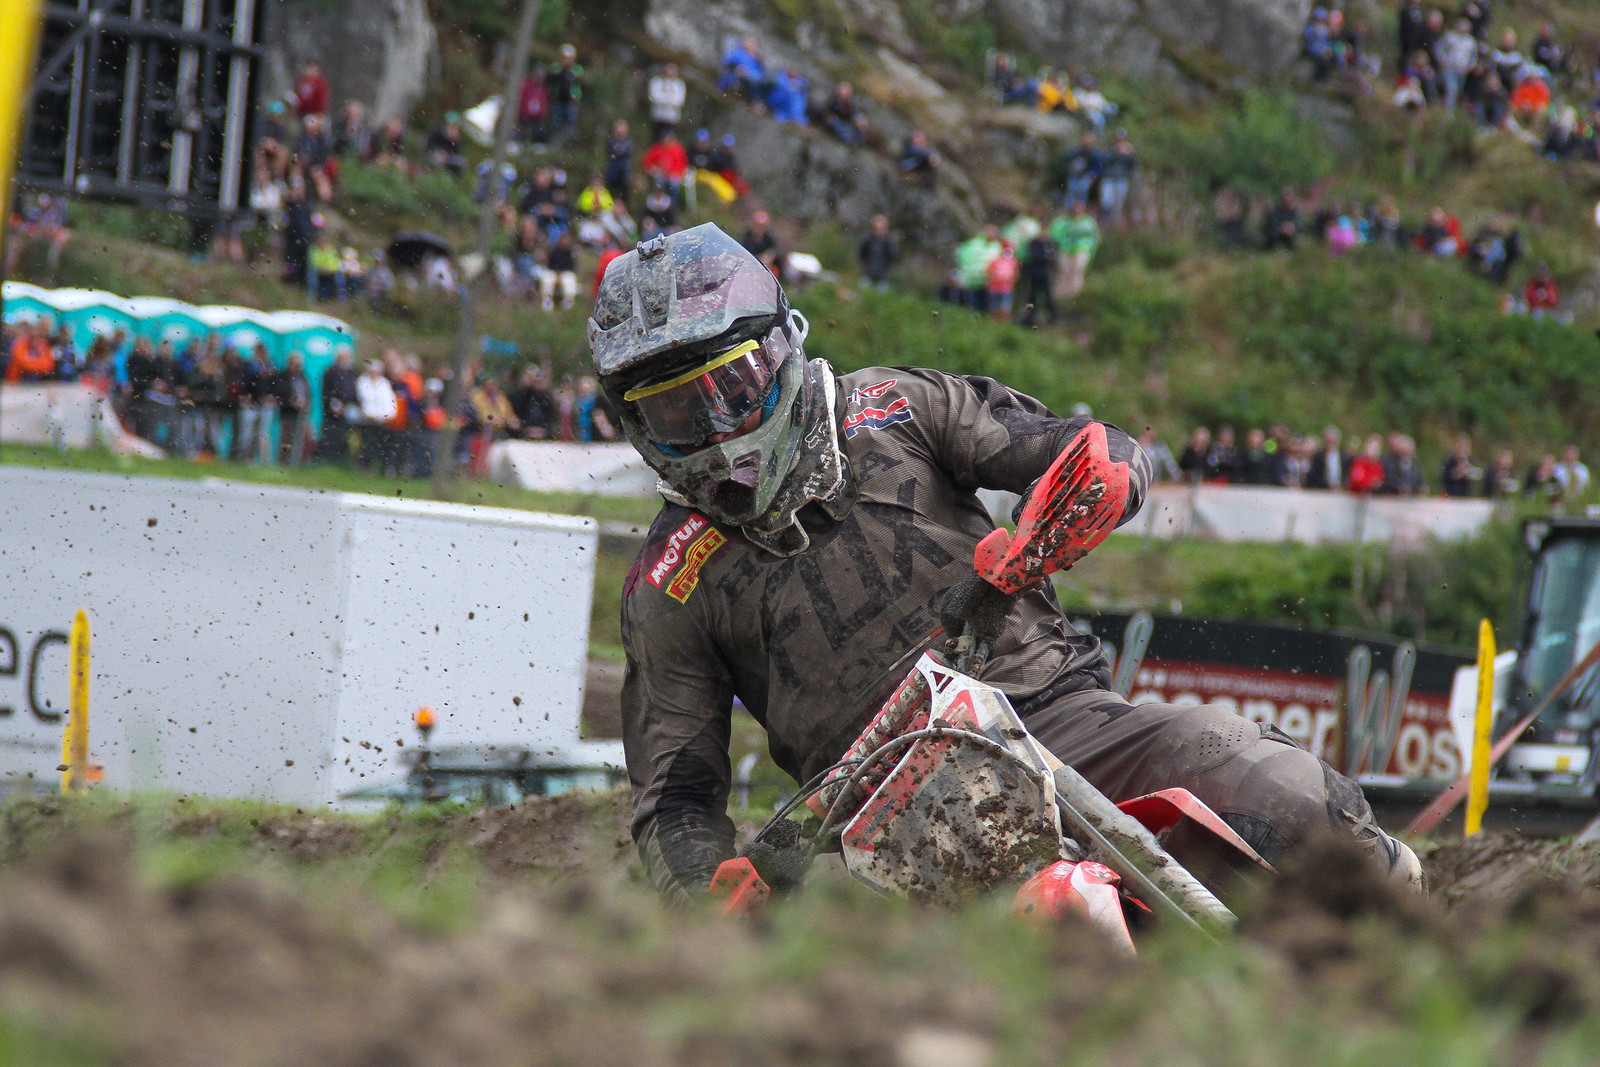 Evgeny Bobryshev - ayearinmx - Motocross Pictures - Vital MX